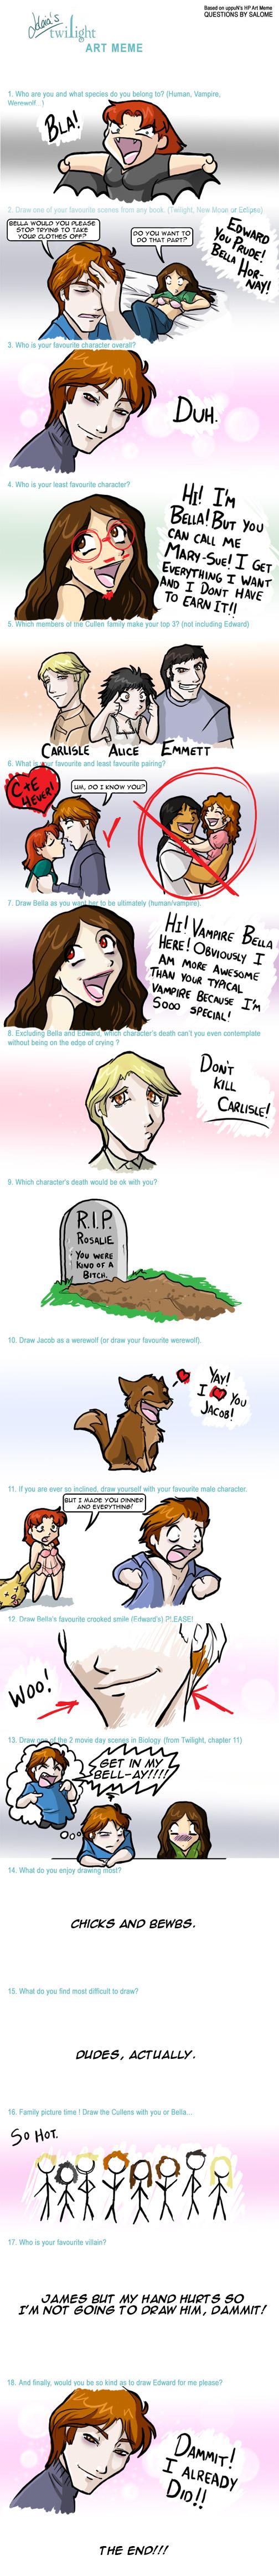 Twilight Art Meme by Candy-Janney